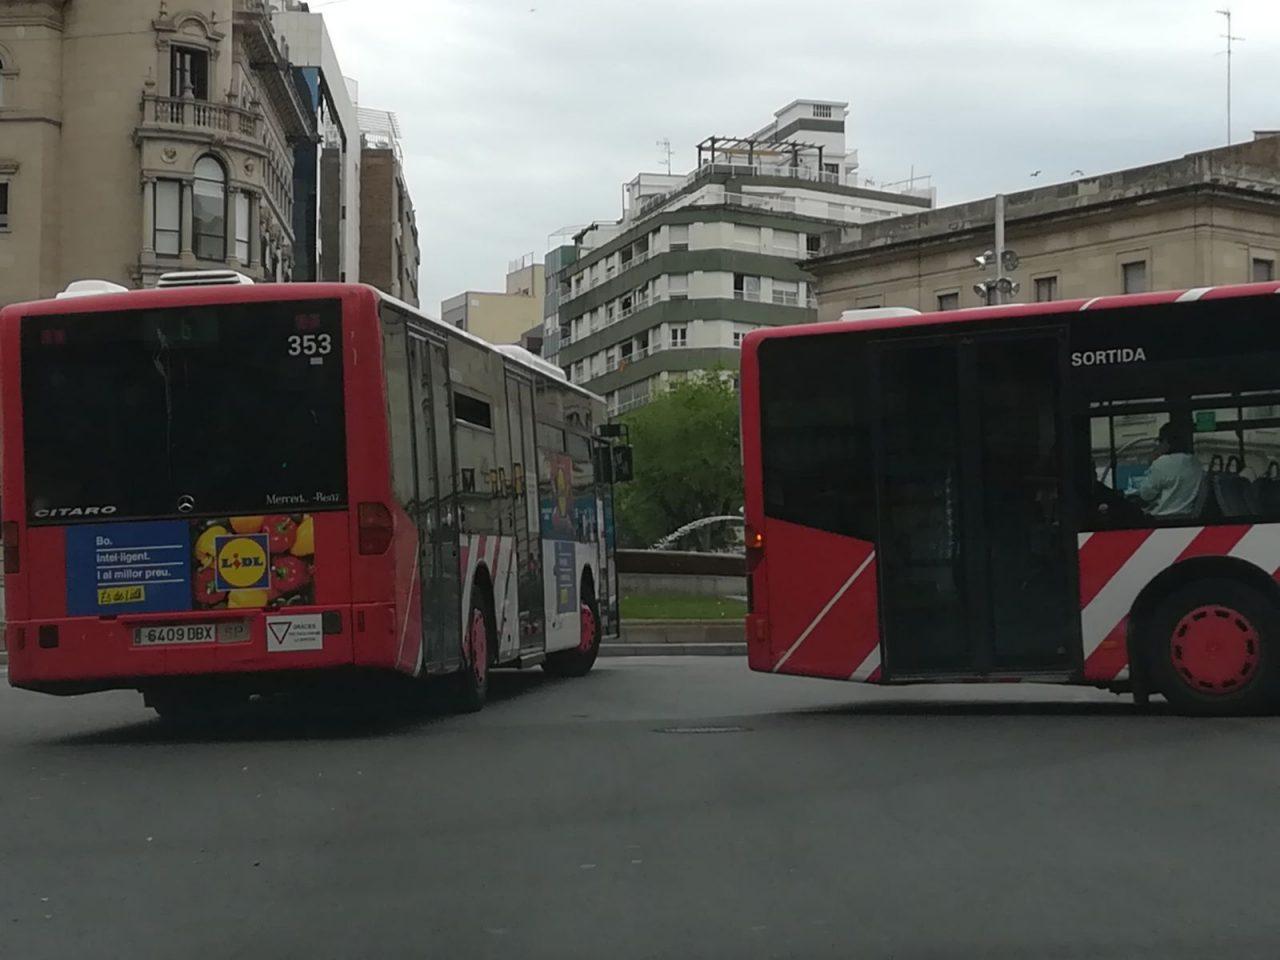 bus-1280x960.jpg